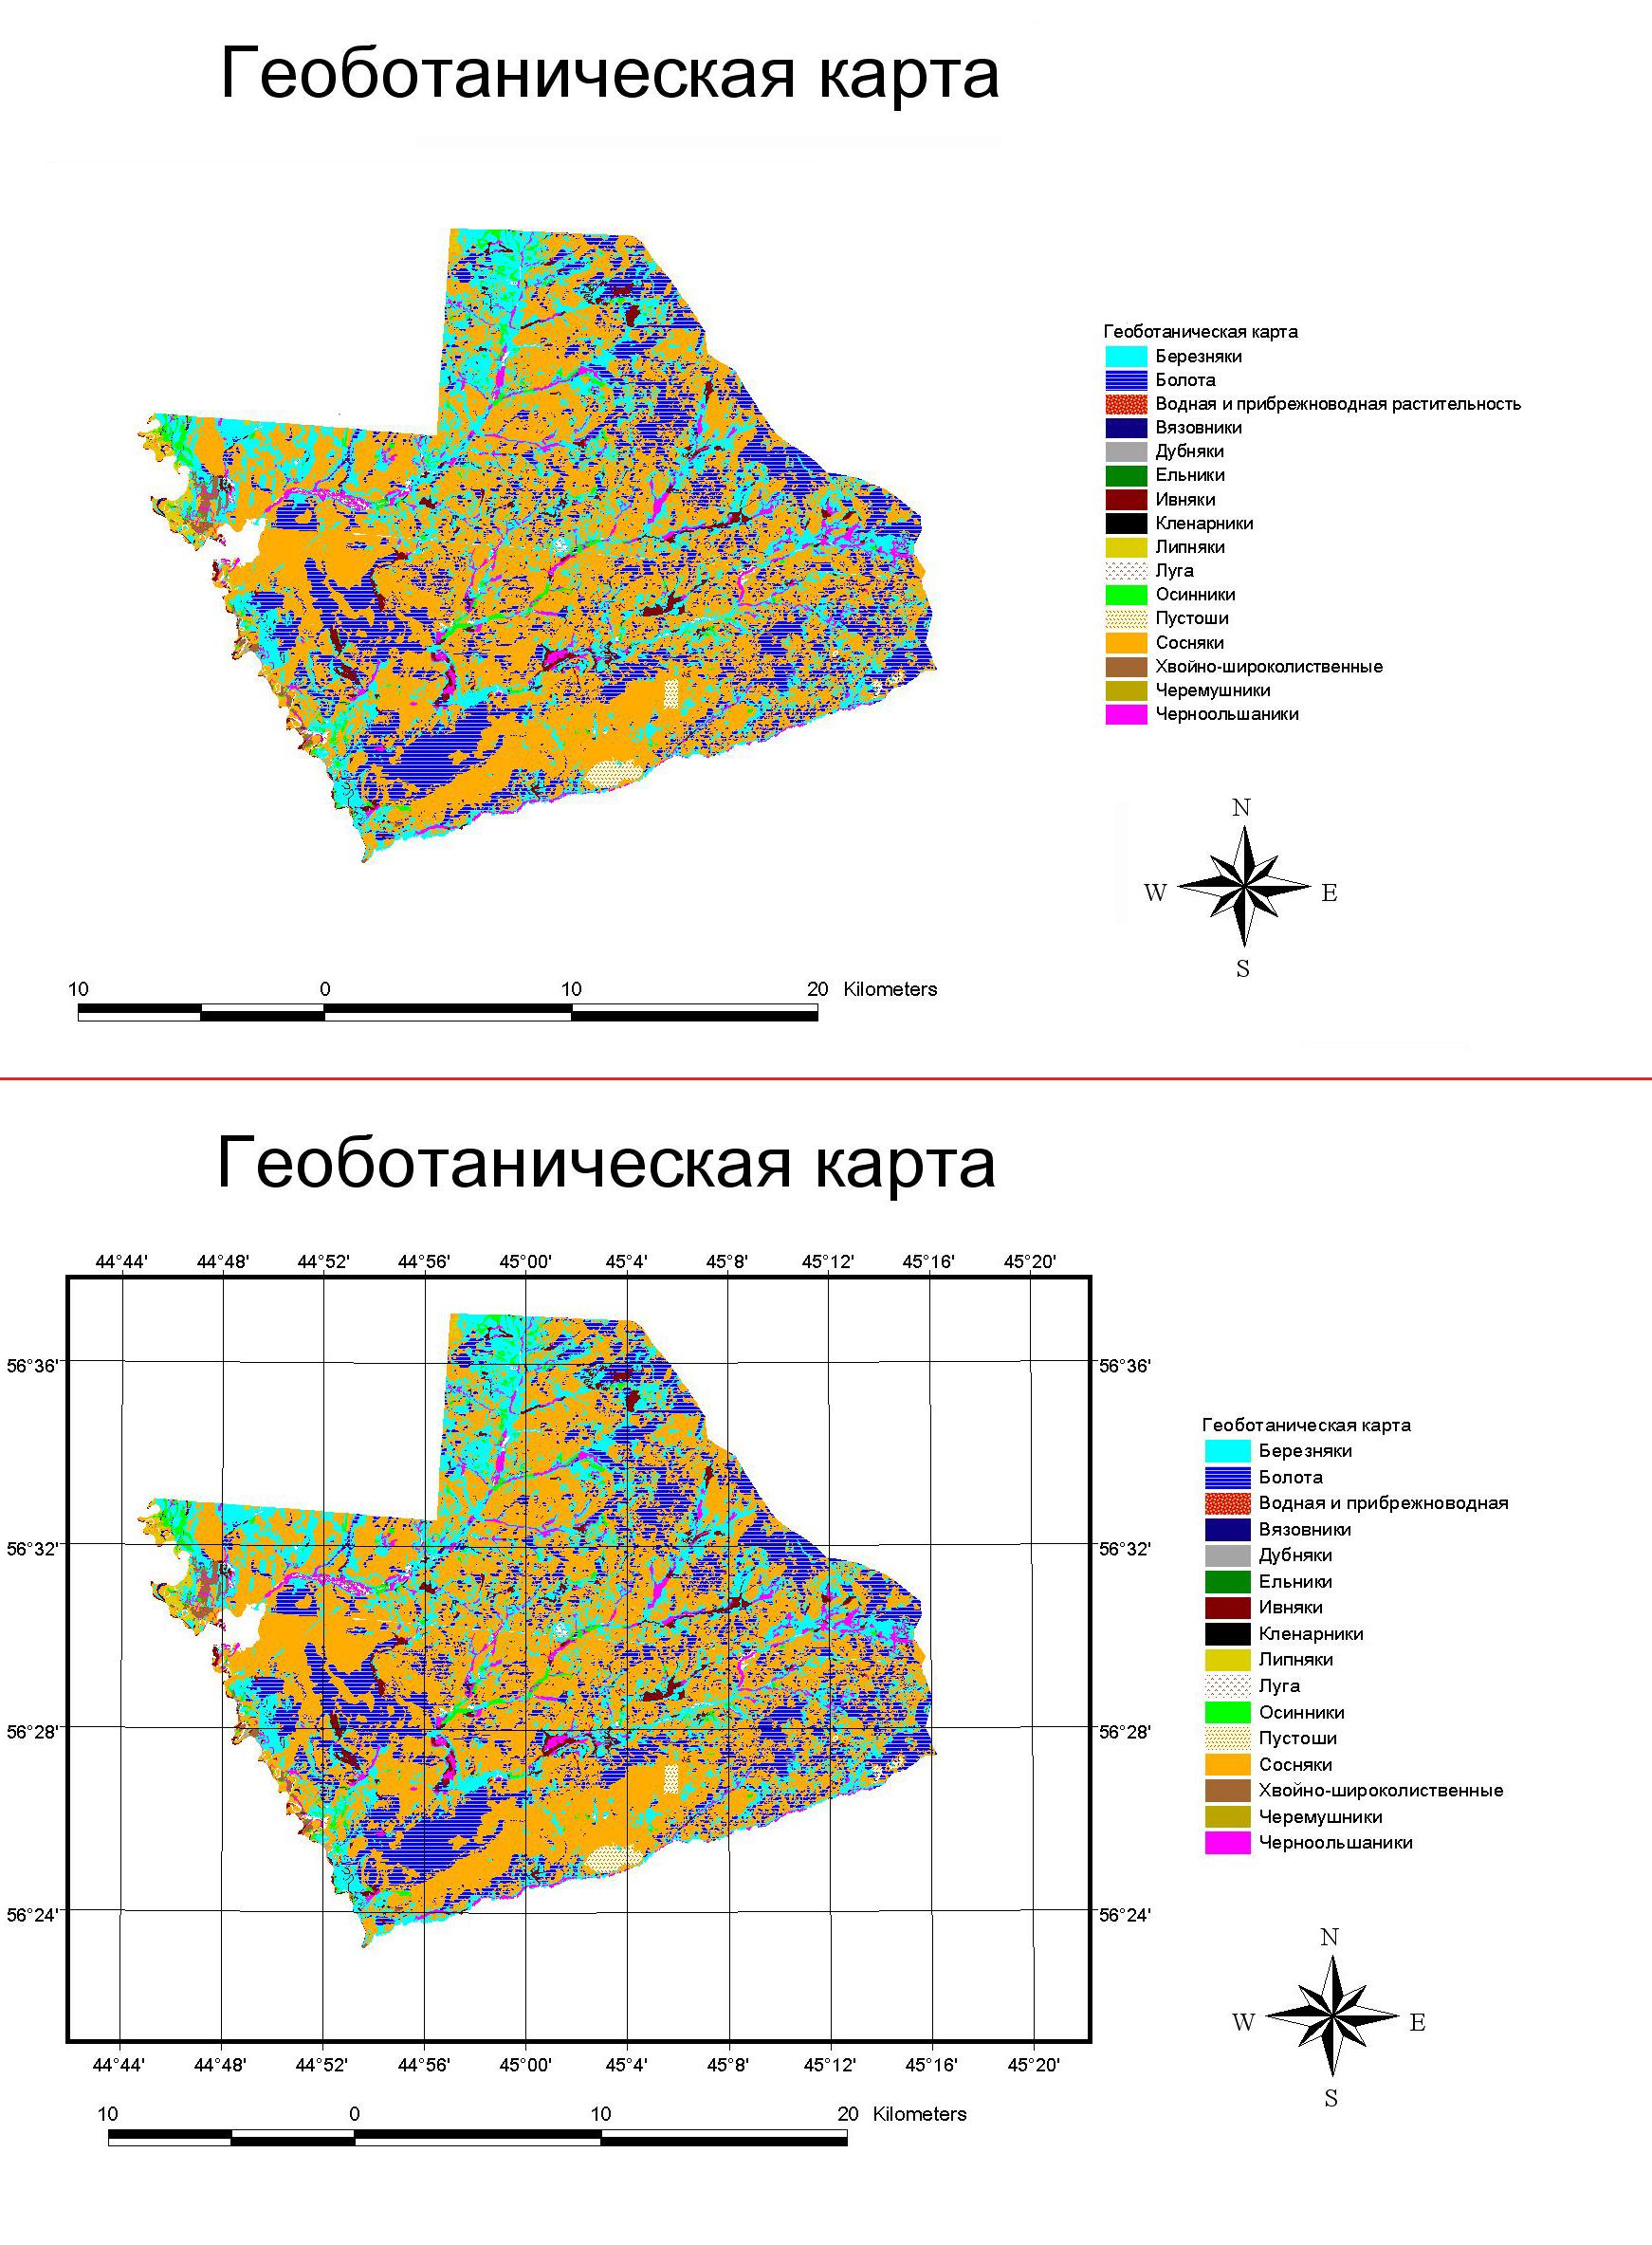 Рис. 209. Пример компоновки геоботанической карты заповедника «Керженский» до создания градусной сетки (вверху) и псоле создания градусной сетки (внизу)